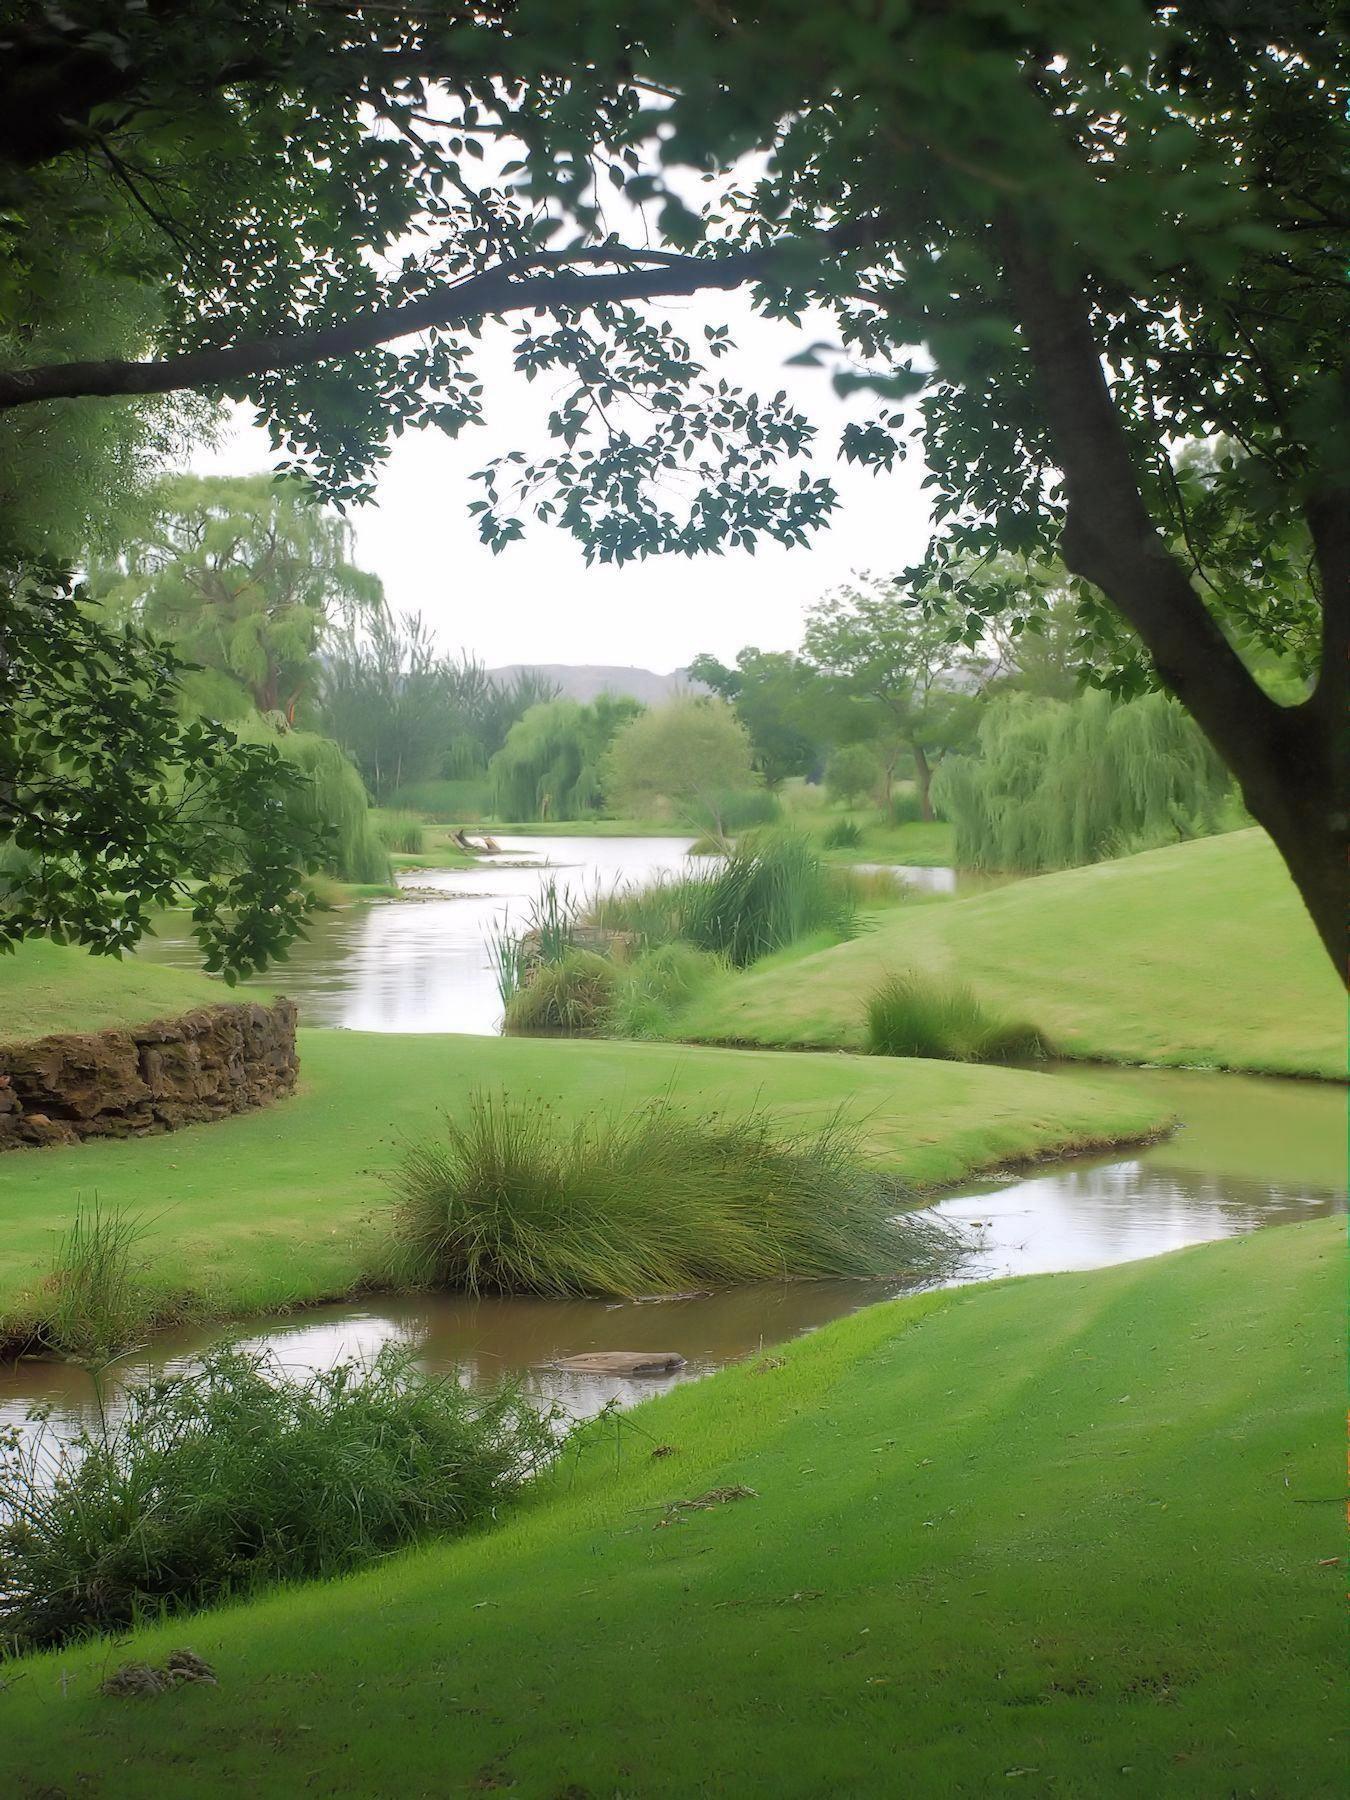 par 3 golf courses near me Golfcourses